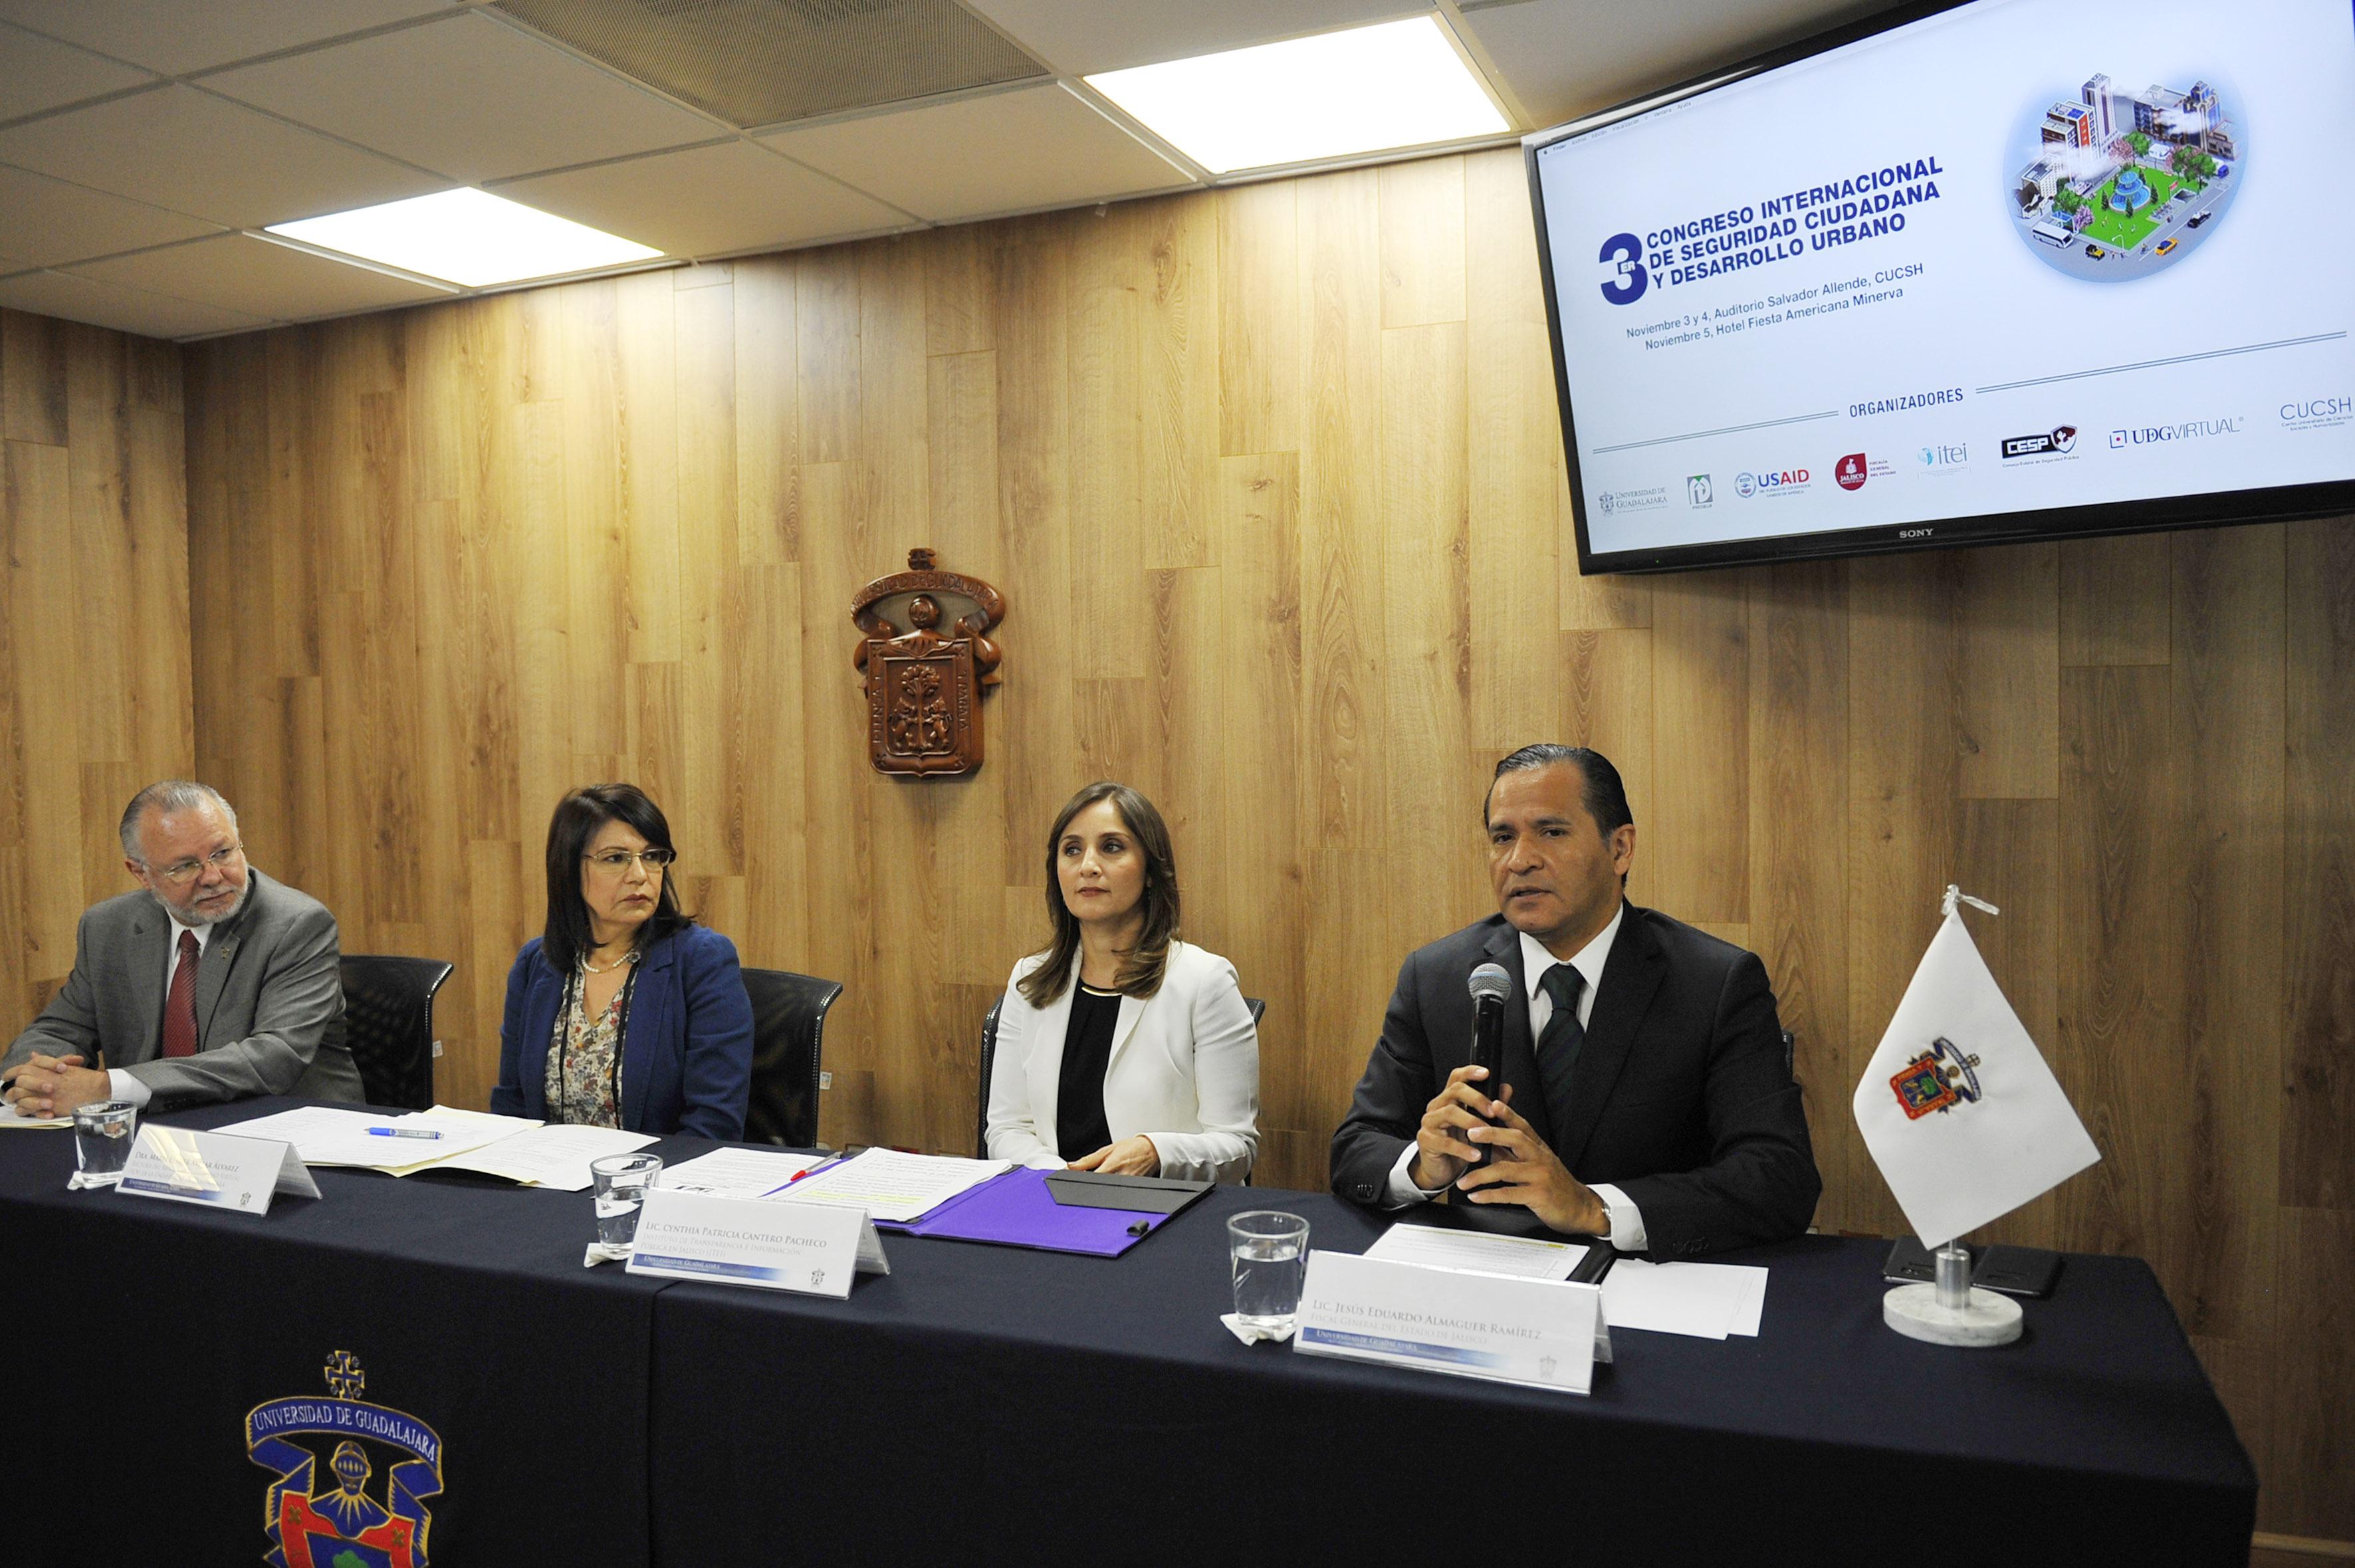 Miembros del presidium durante la rueda de prensa del  3er Congreso Internacional de Seguridad Ciudadana y Desarrollo Urbano